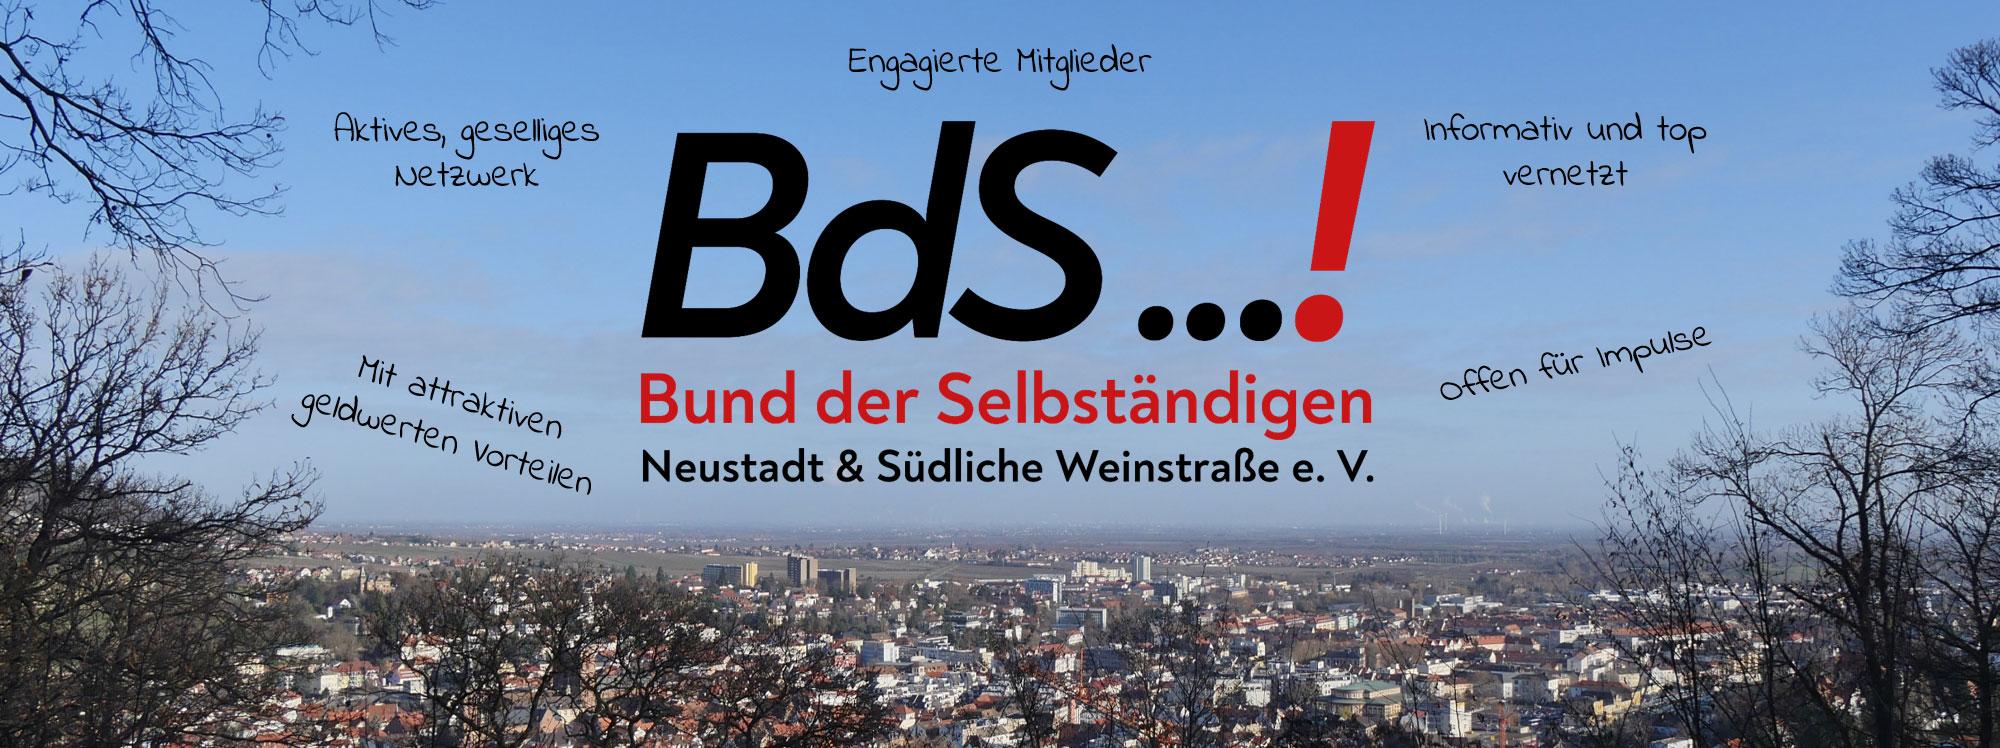 BdS-Startseitenbild-mit-Zitaten_